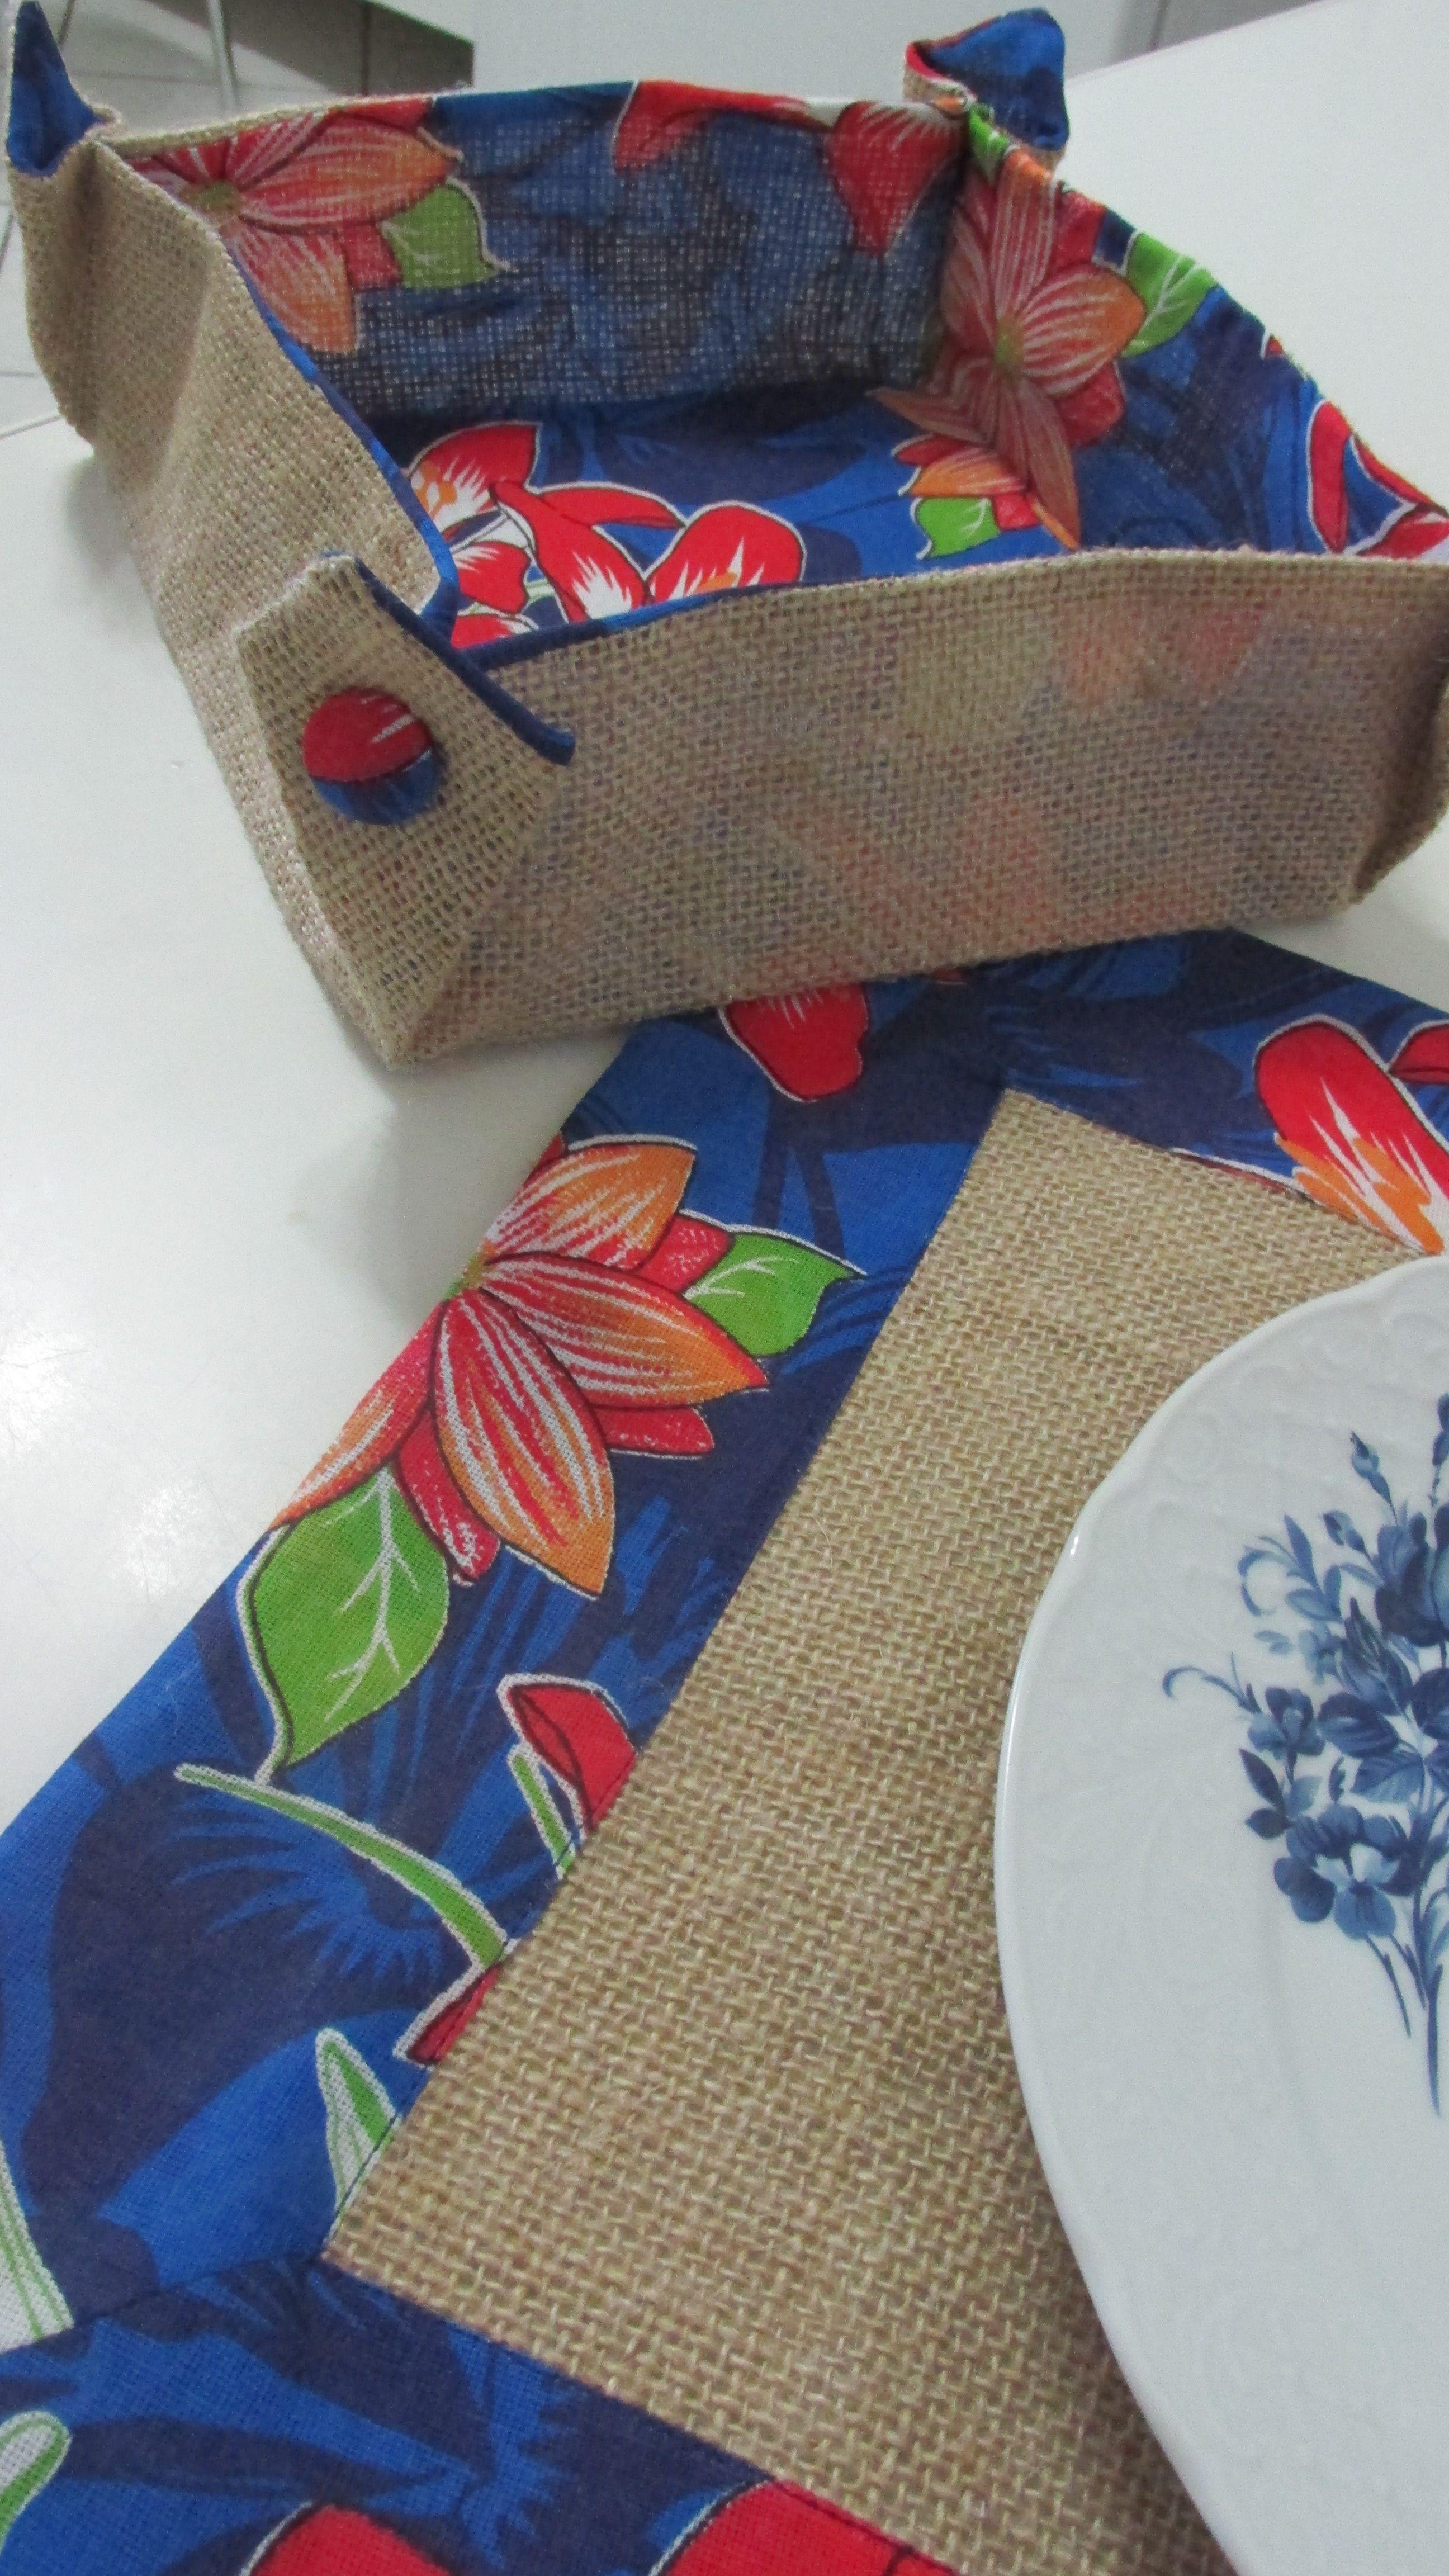 Aparador Antiguo De Roble ~ Jogo americano e cestinho de p u00e3o em juta e chita Artesanato Pinterest Fotos de estopa, Ems